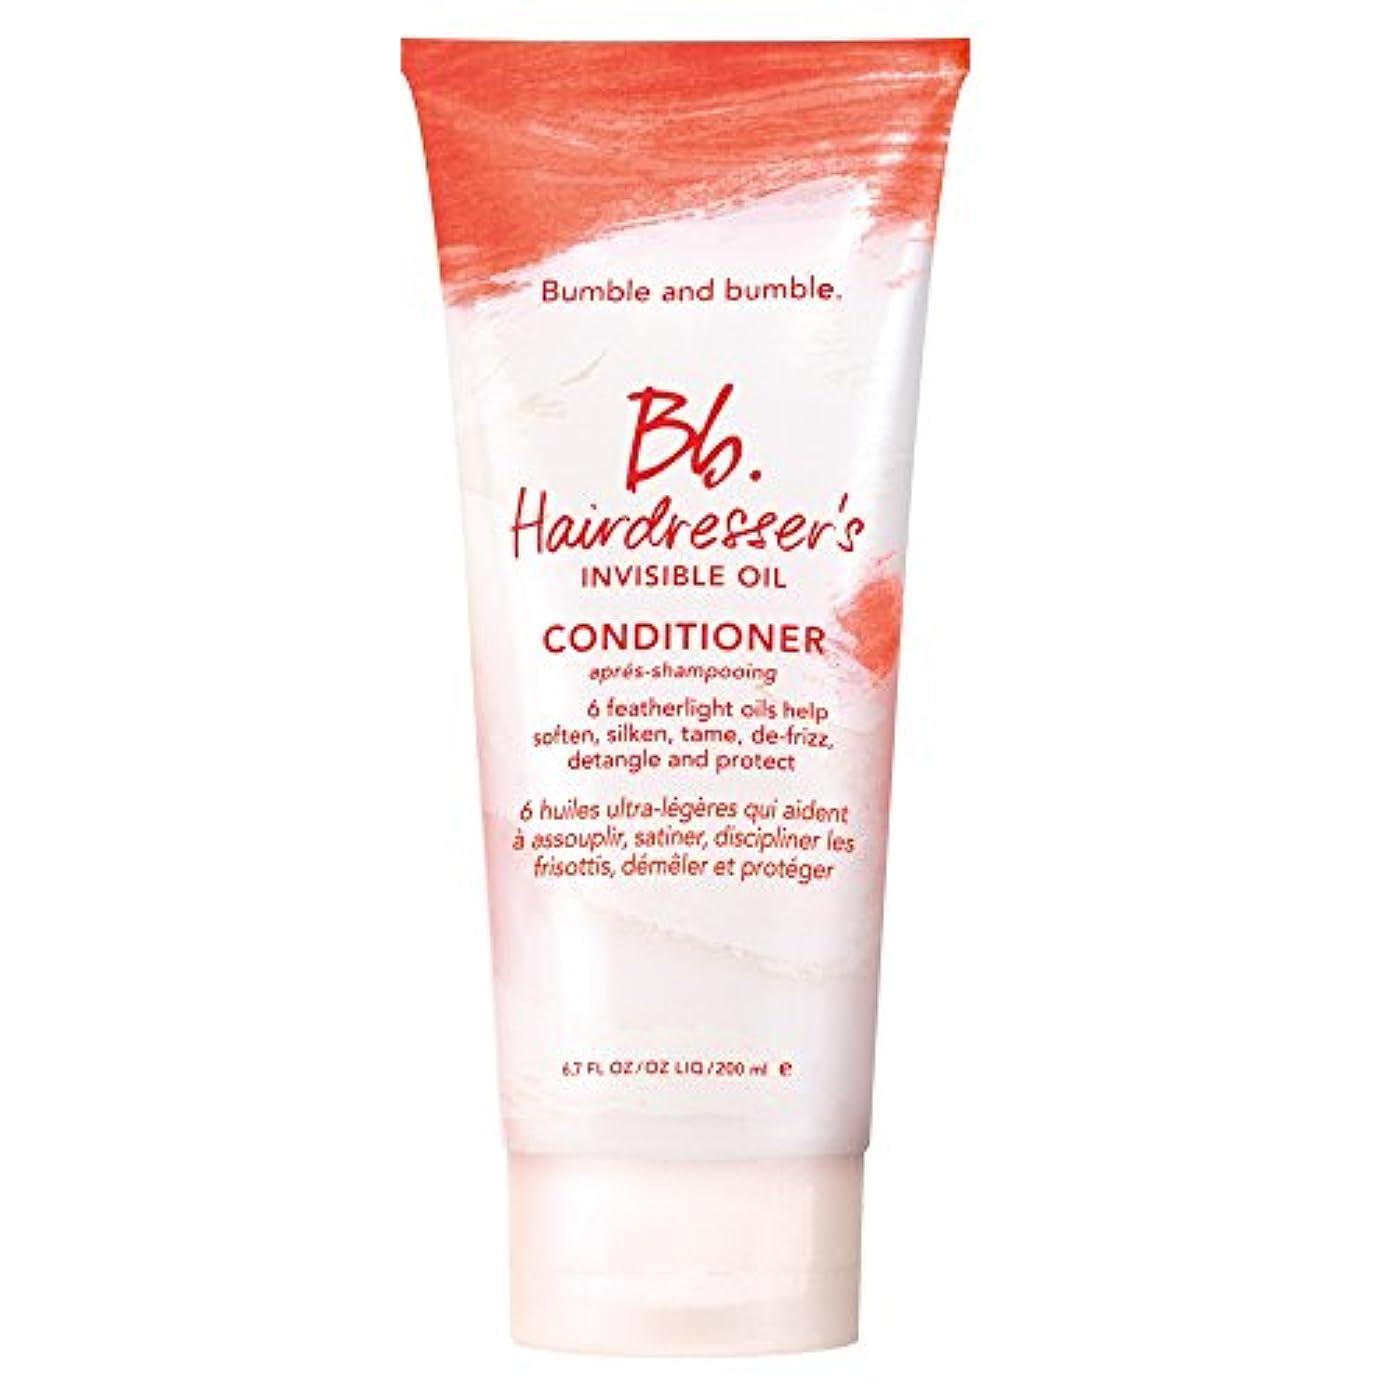 財政テクトニック父方のバンブルアンドバンブル美容見えないオイルコンディショナー200ミリリットル (Bumble and bumble) - Bumble and bumble Hairdressers invisible oil conditioner...